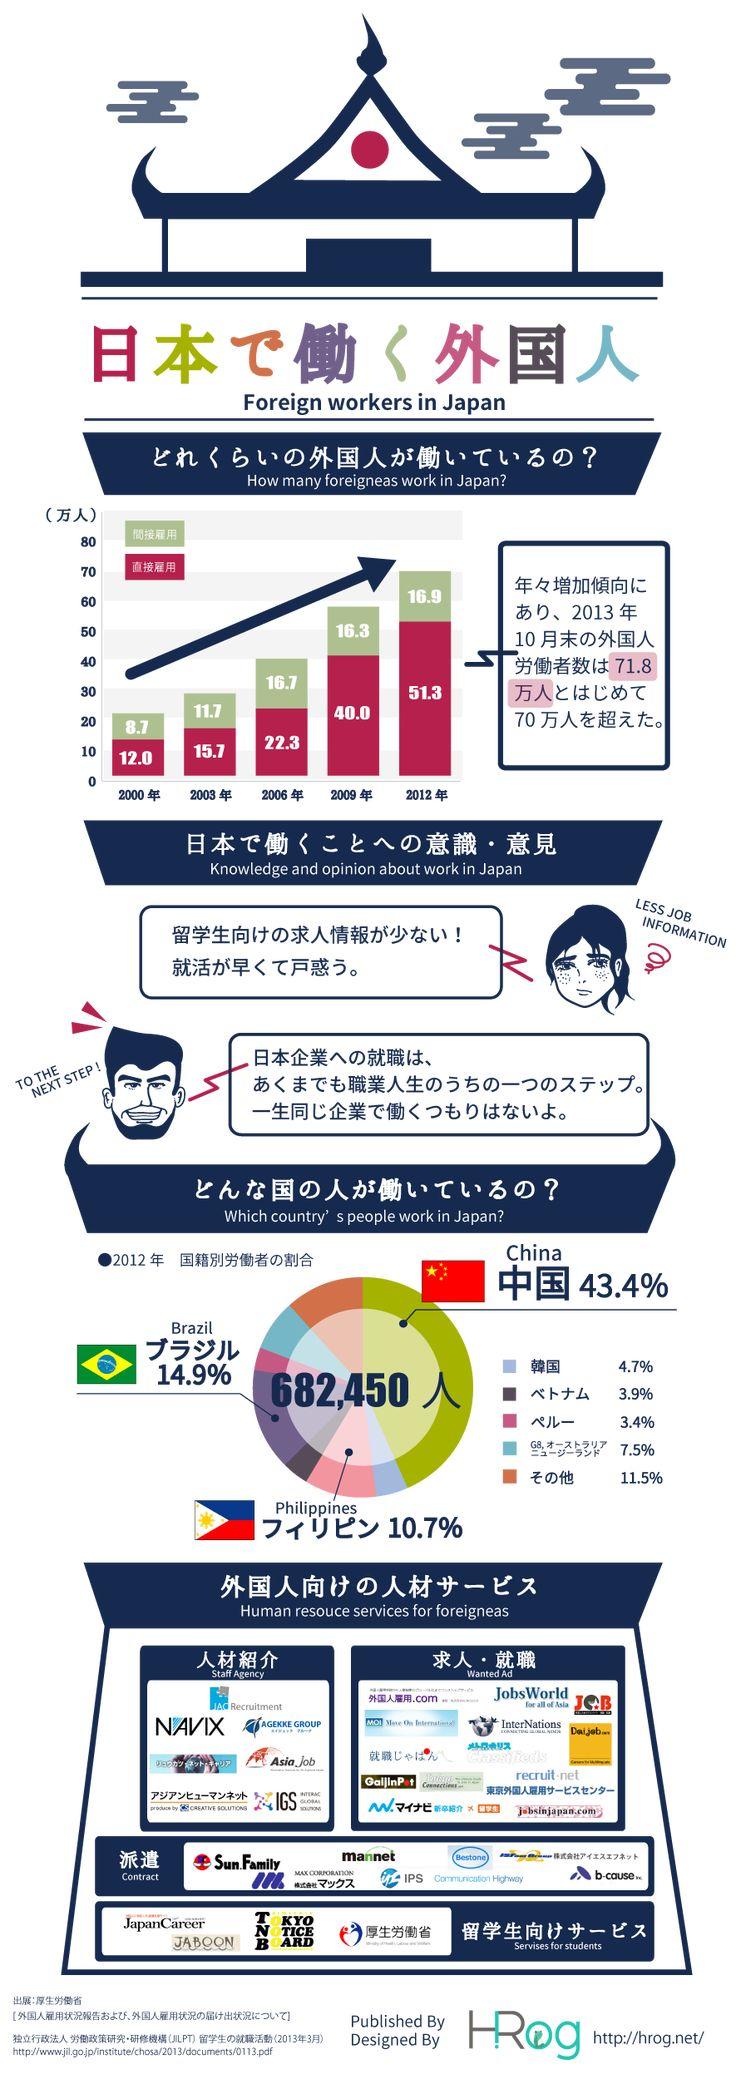 日本で働く外国人